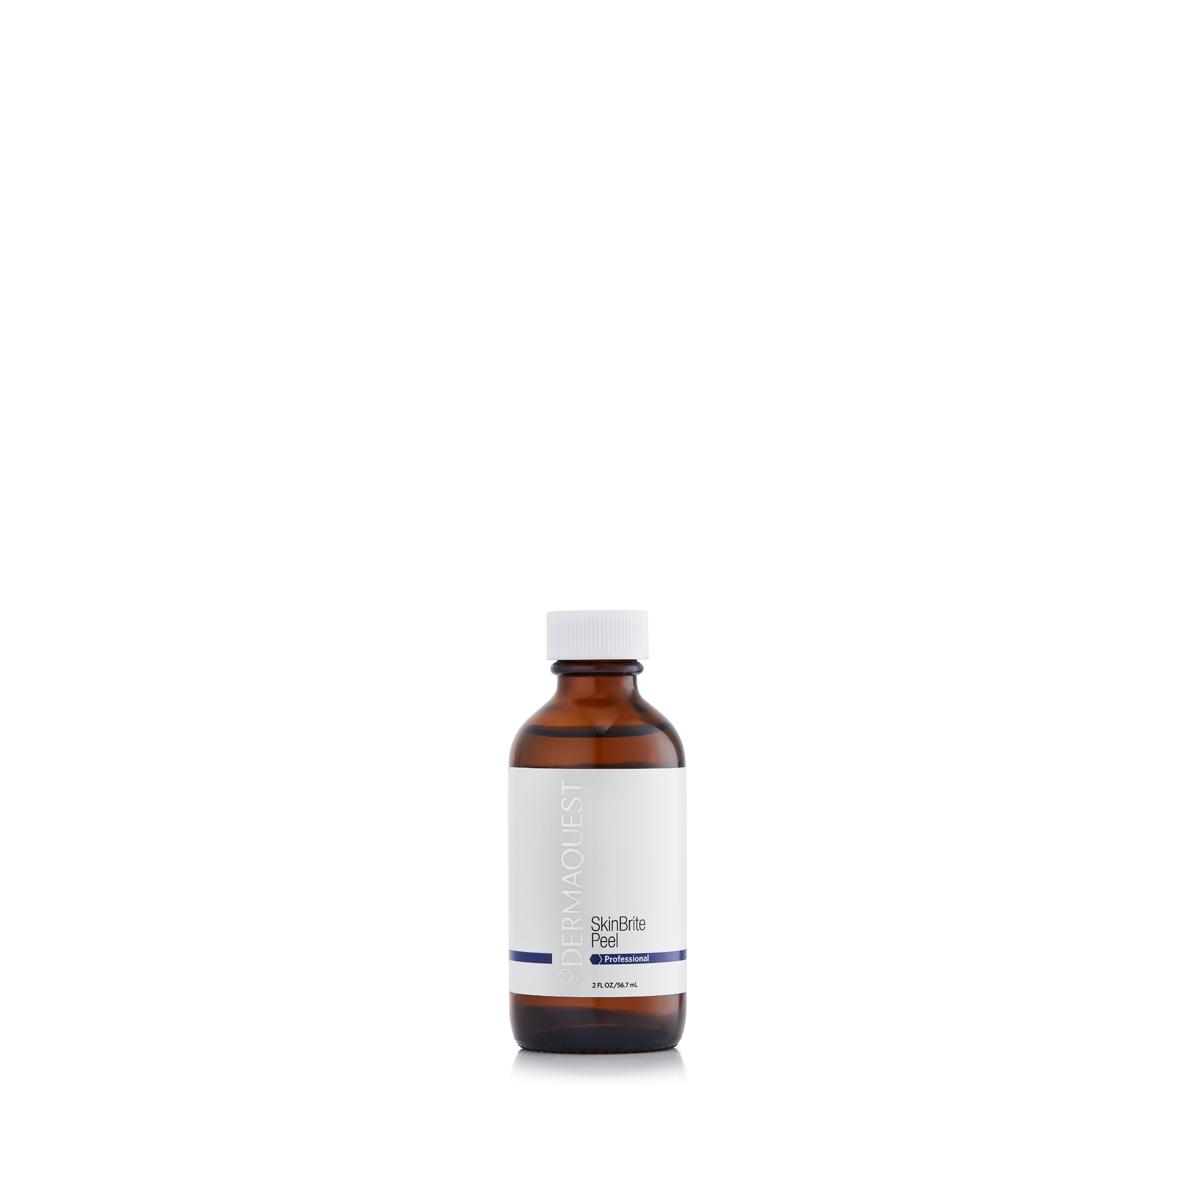 Skinbrite Peel – Professional